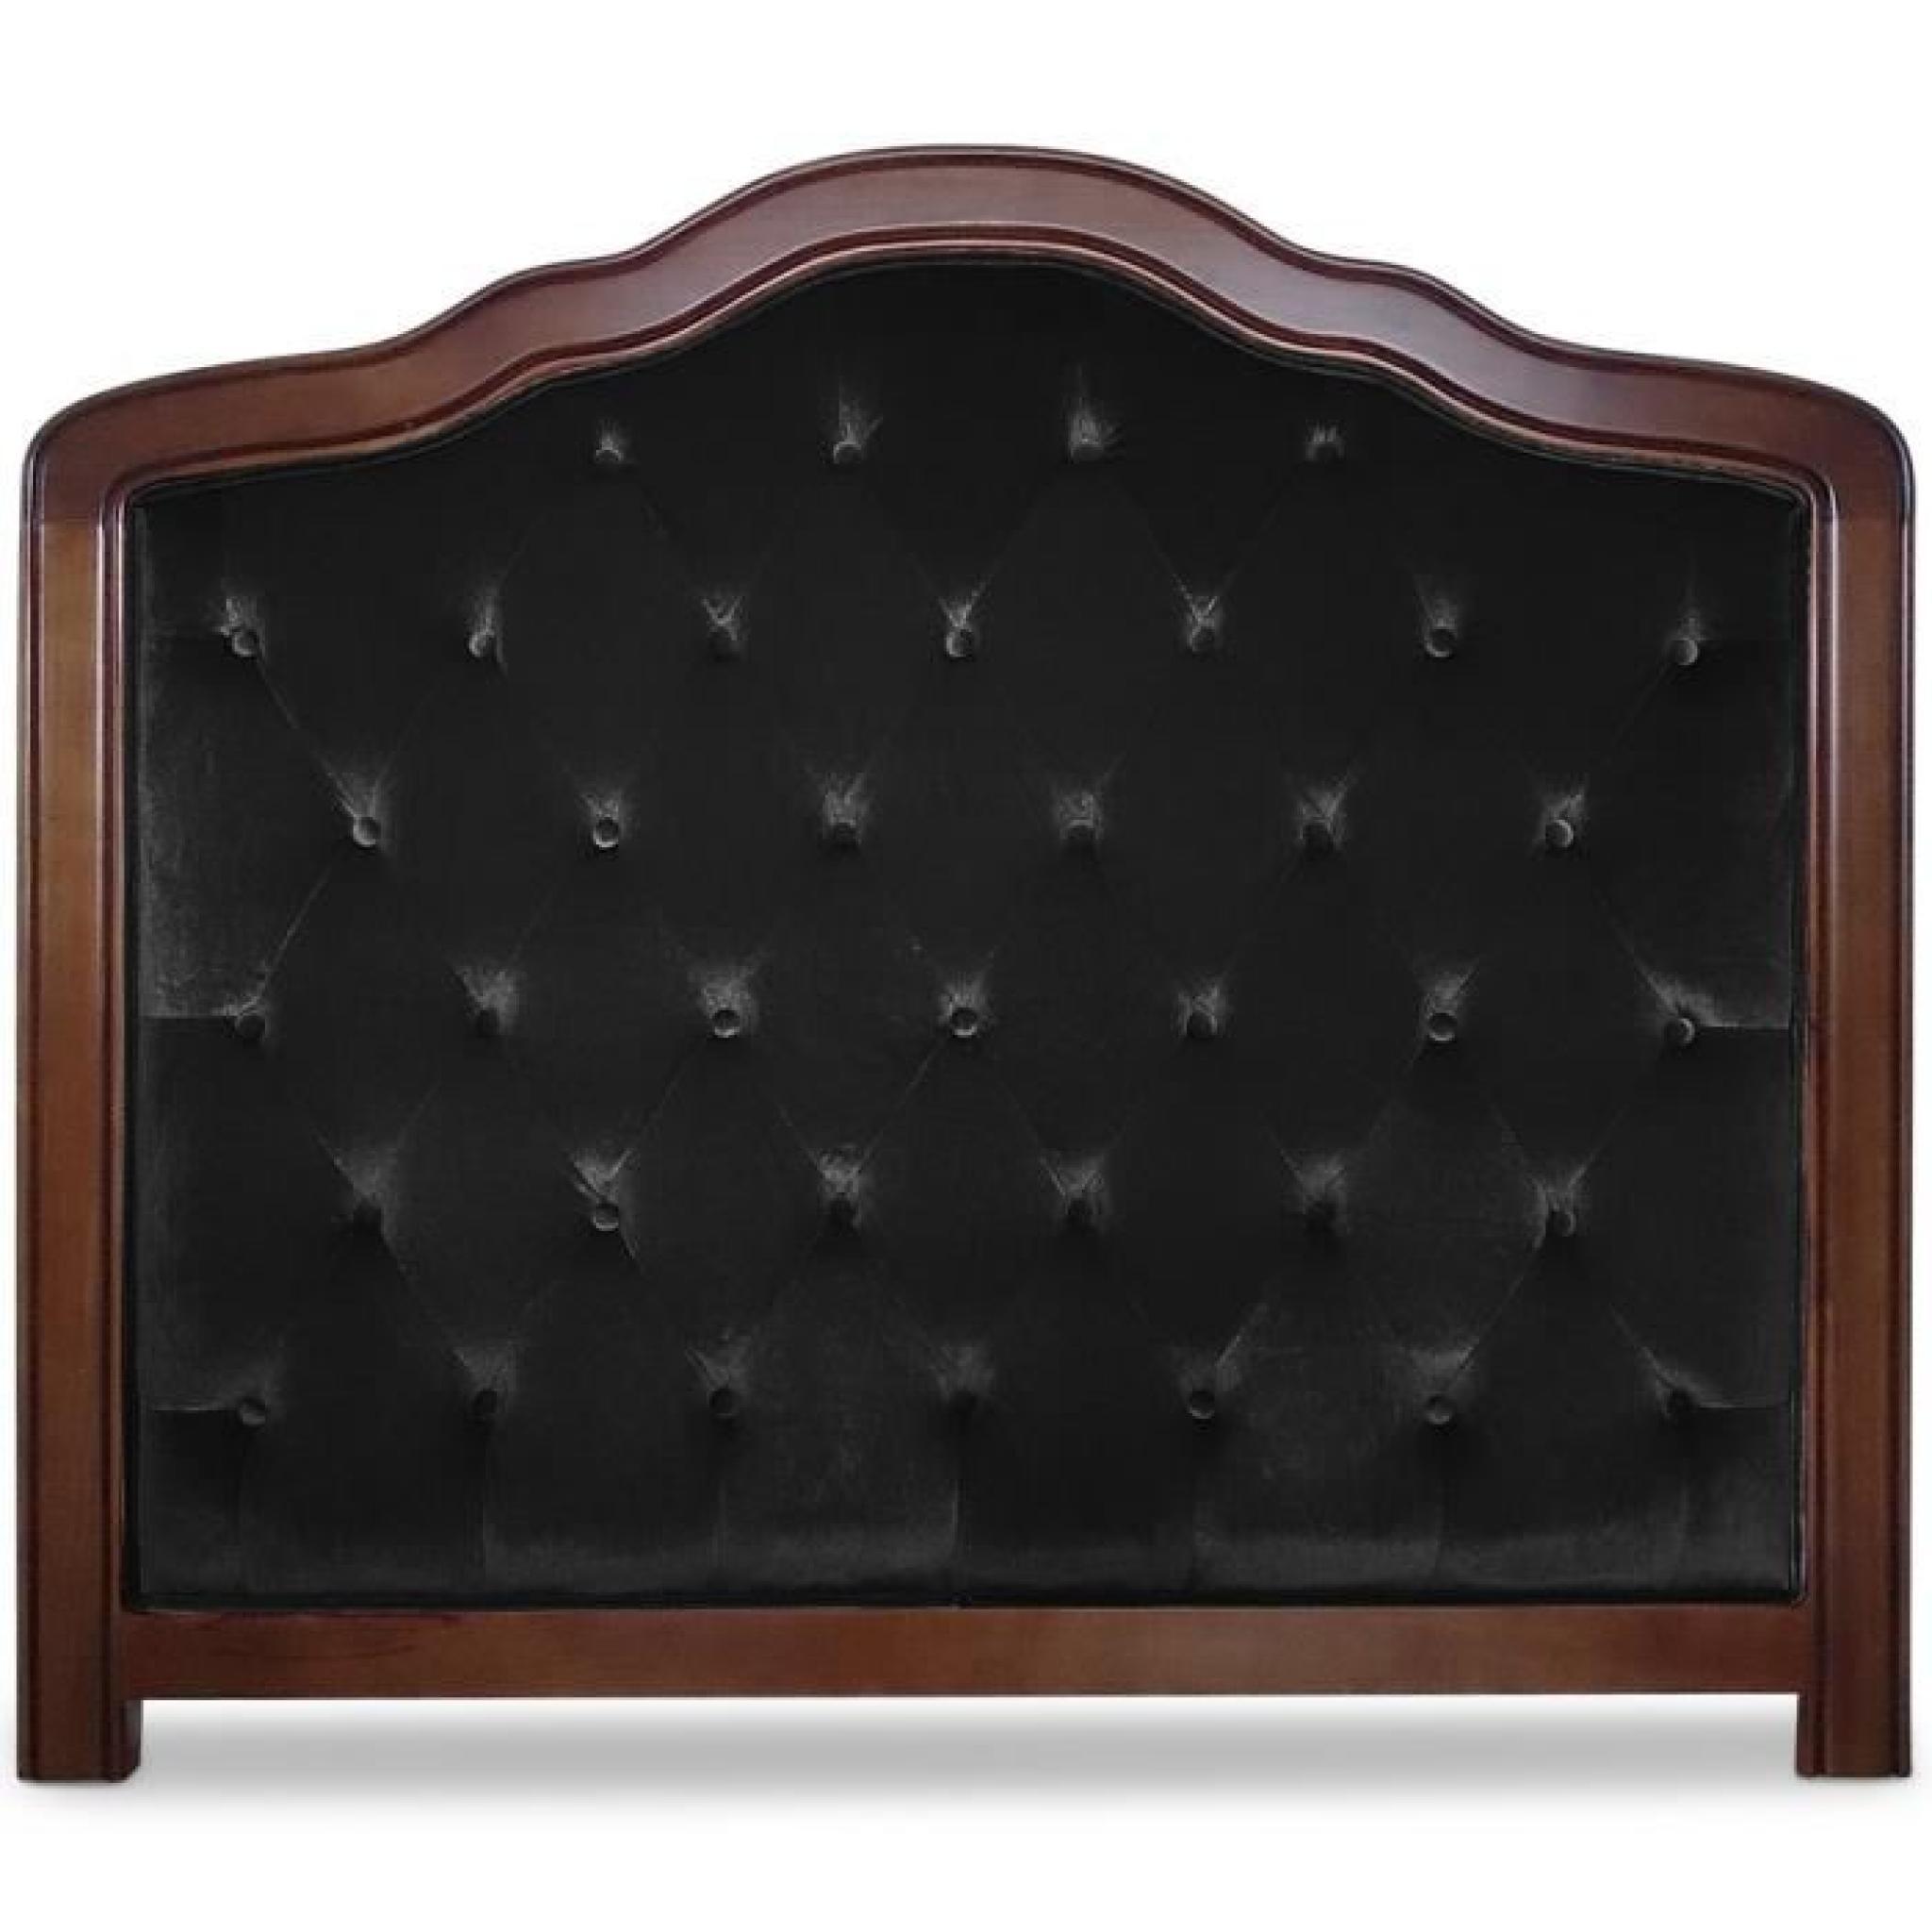 T te de lit capitonn e maggie 140cm velours noir achat vente tete de lit pas cher couleur et - Porte capitonnee prix ...